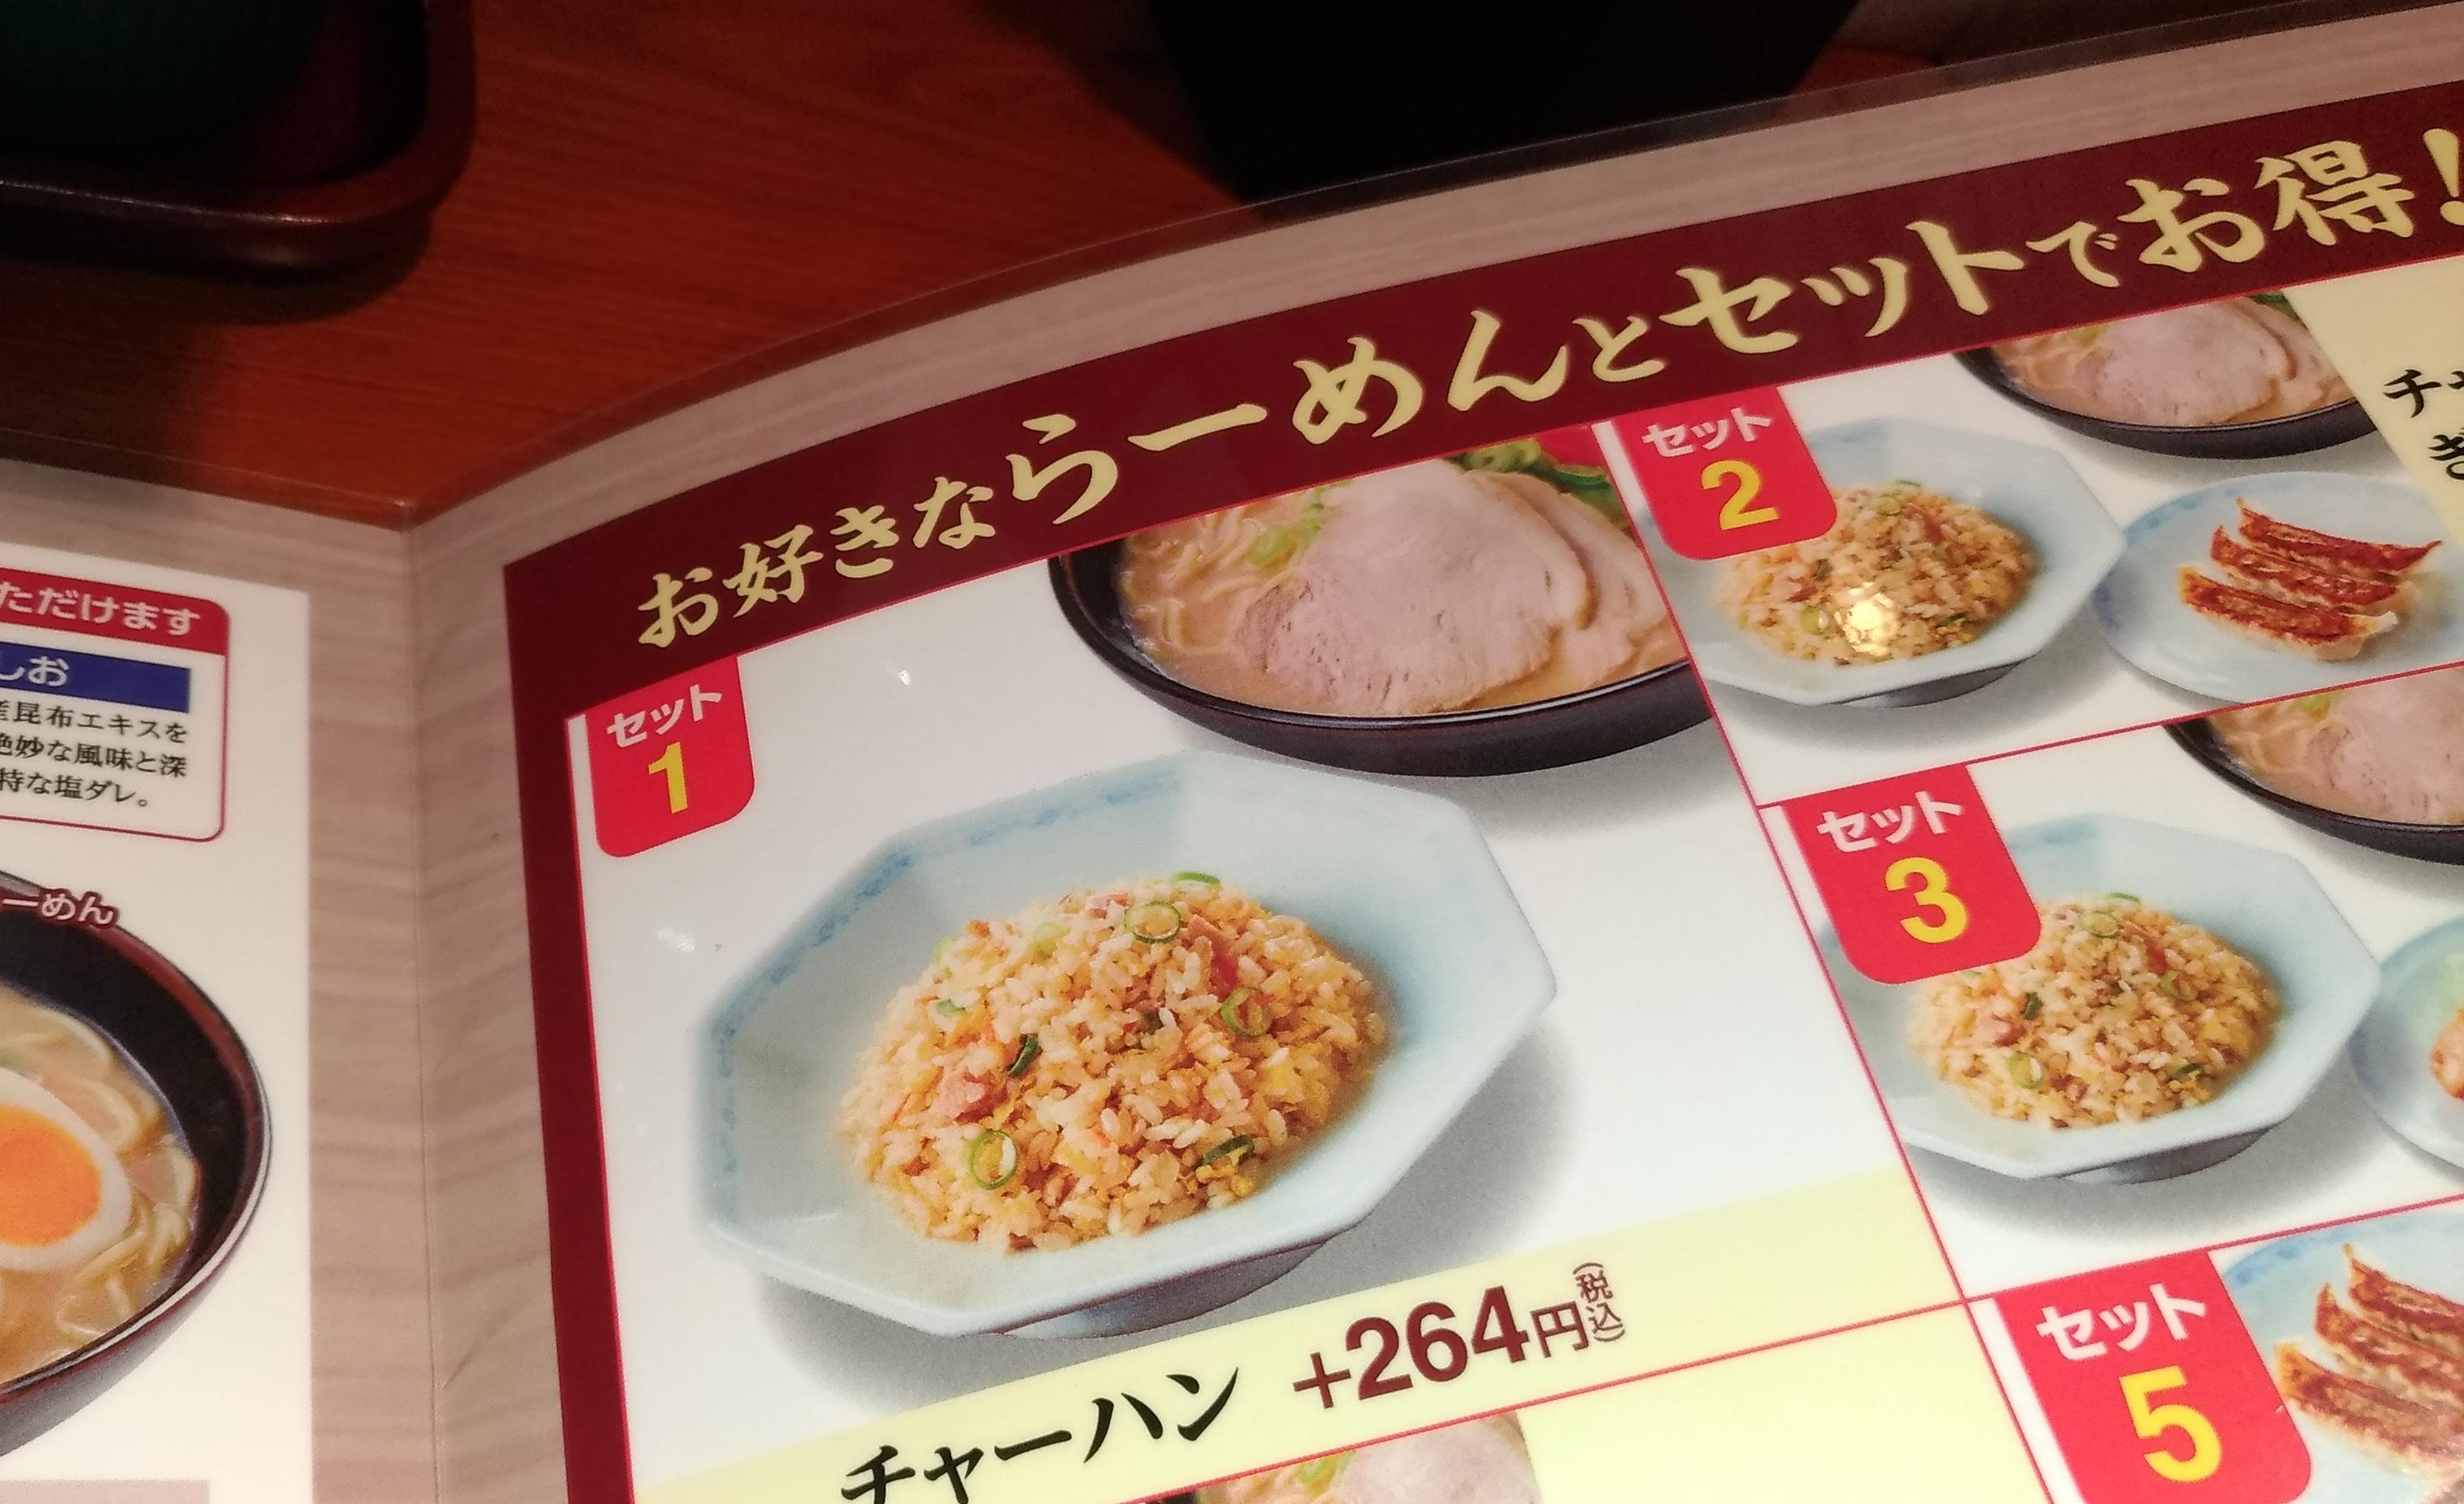 osaka_lunch_kotan_ramen_0707_2.jpg